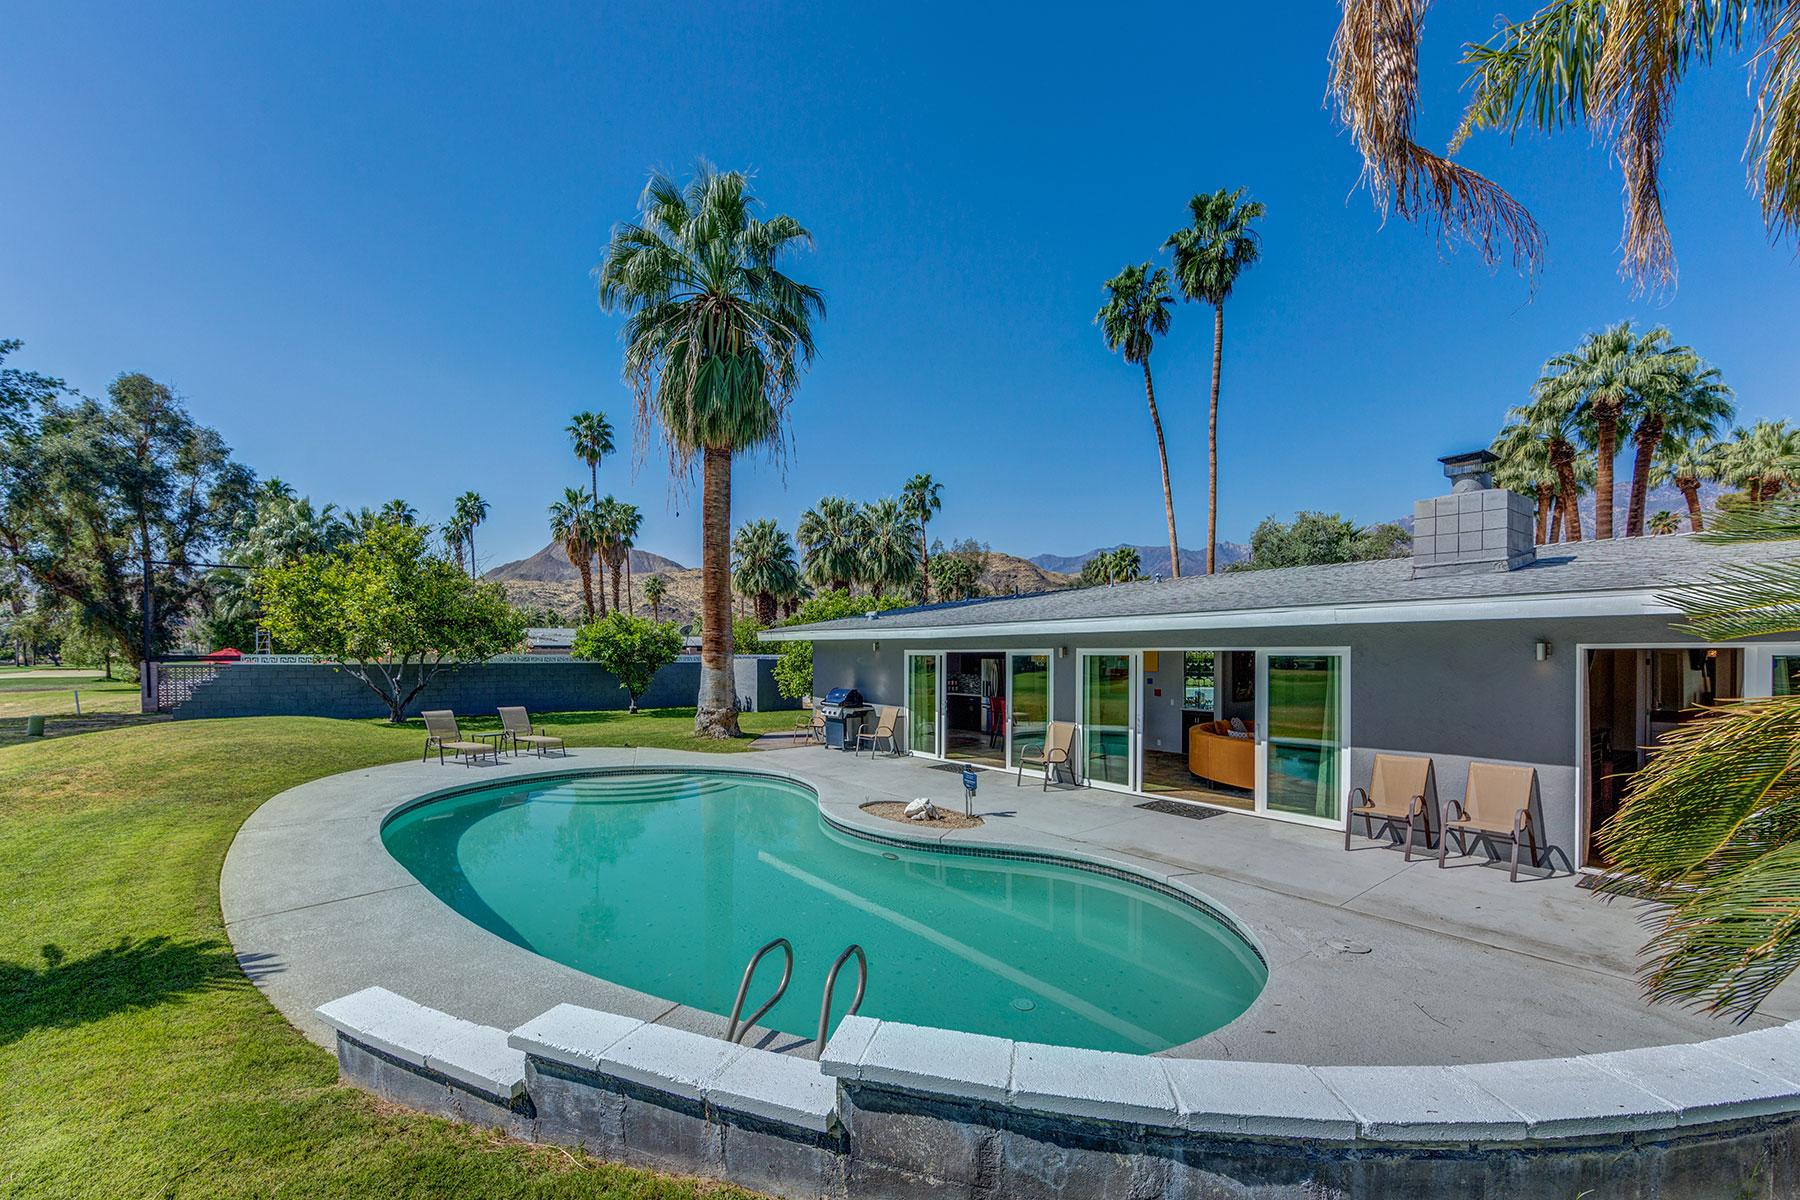 独户住宅 为 销售 在 2054 S Brentwood Drive North Palm Springs, 加利福尼亚州, 92264 美国